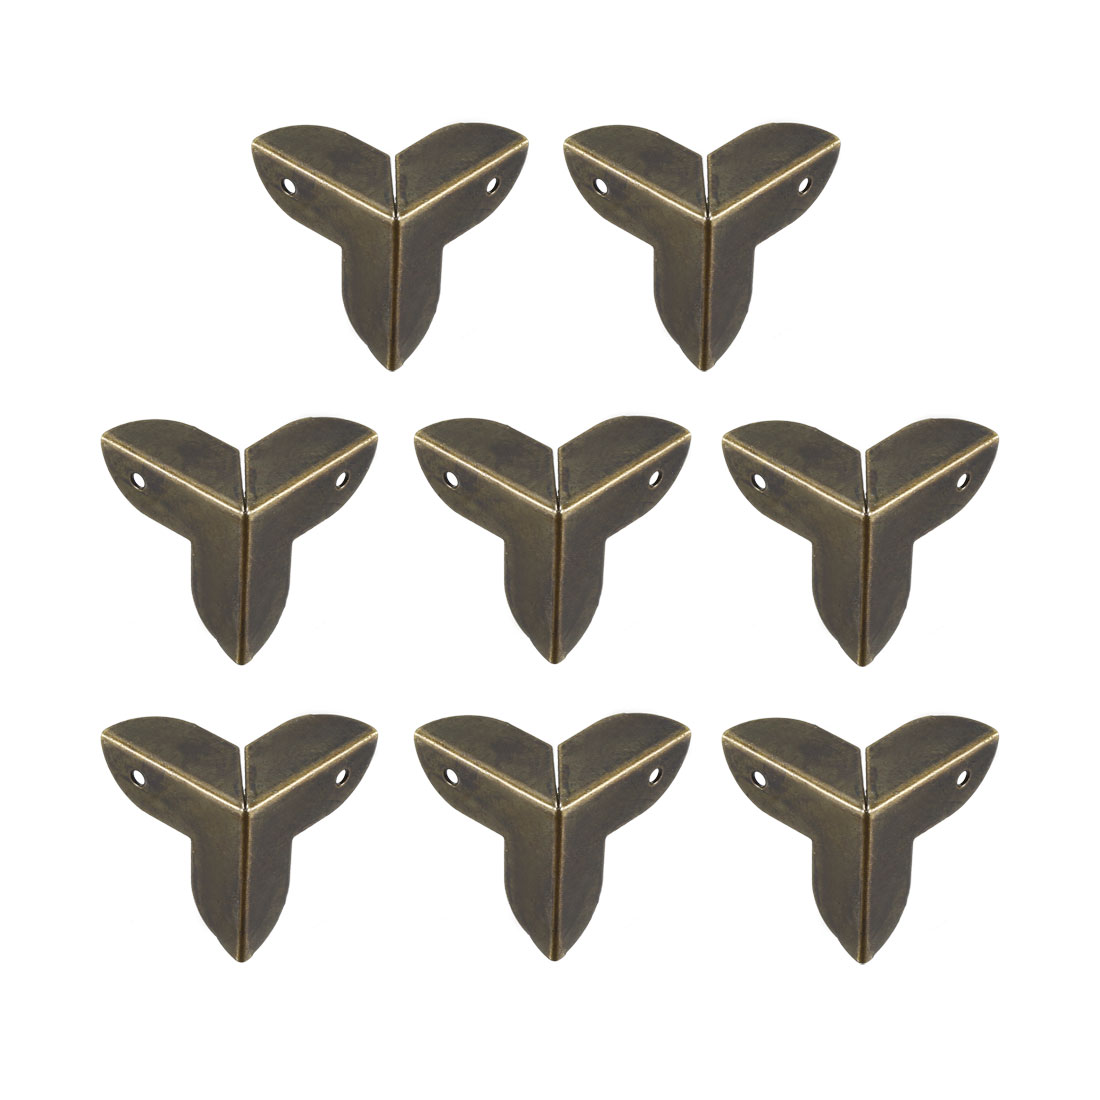 Metal Box Corner Protectors Edge Guard Protector 22x22x22mm Bronze Tone 8pcs